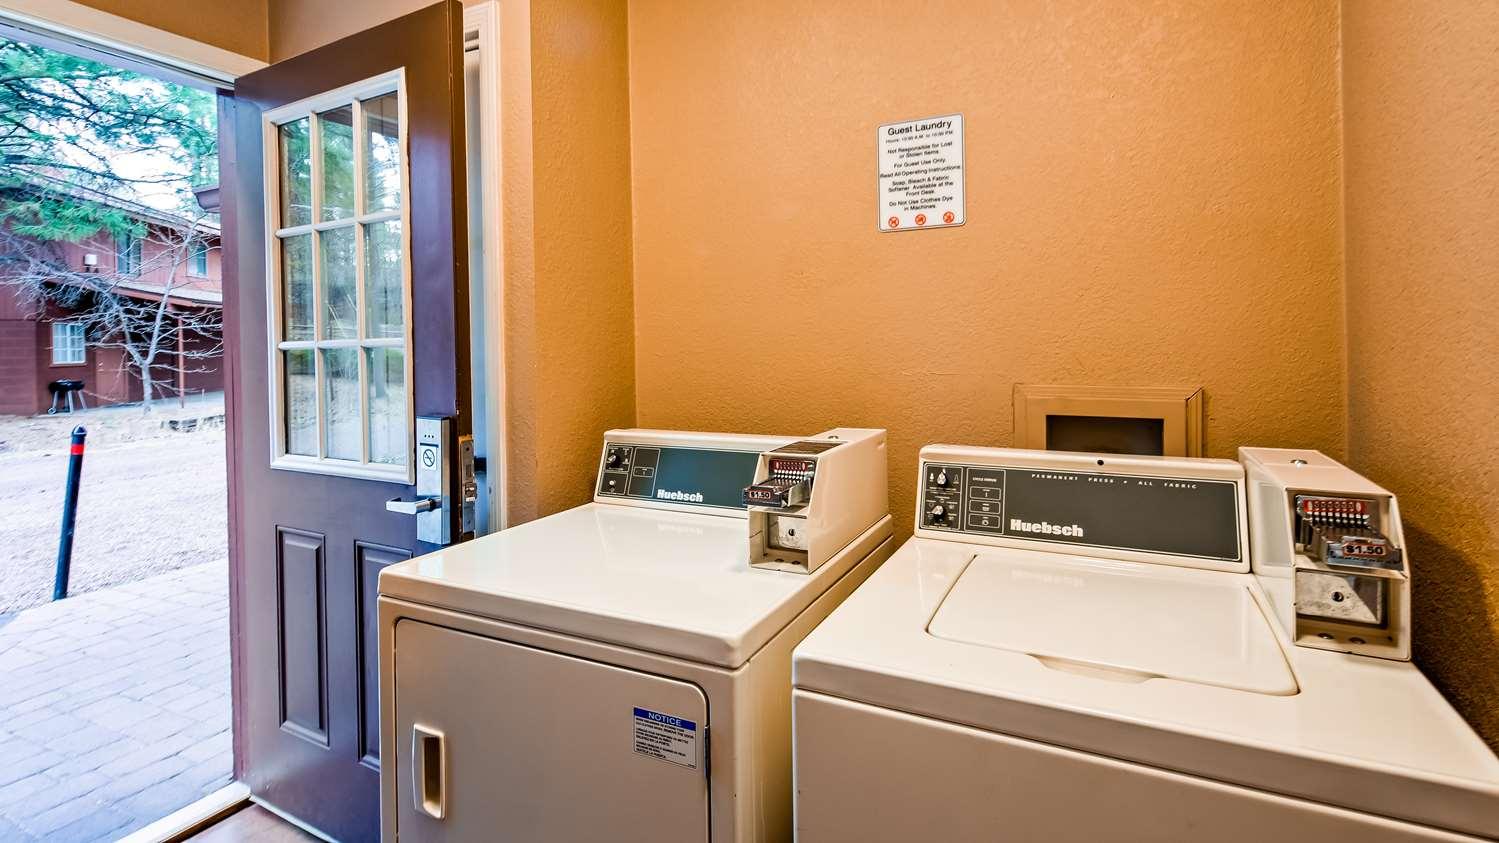 proam - Best Western Inn Pinetop-Lakeside